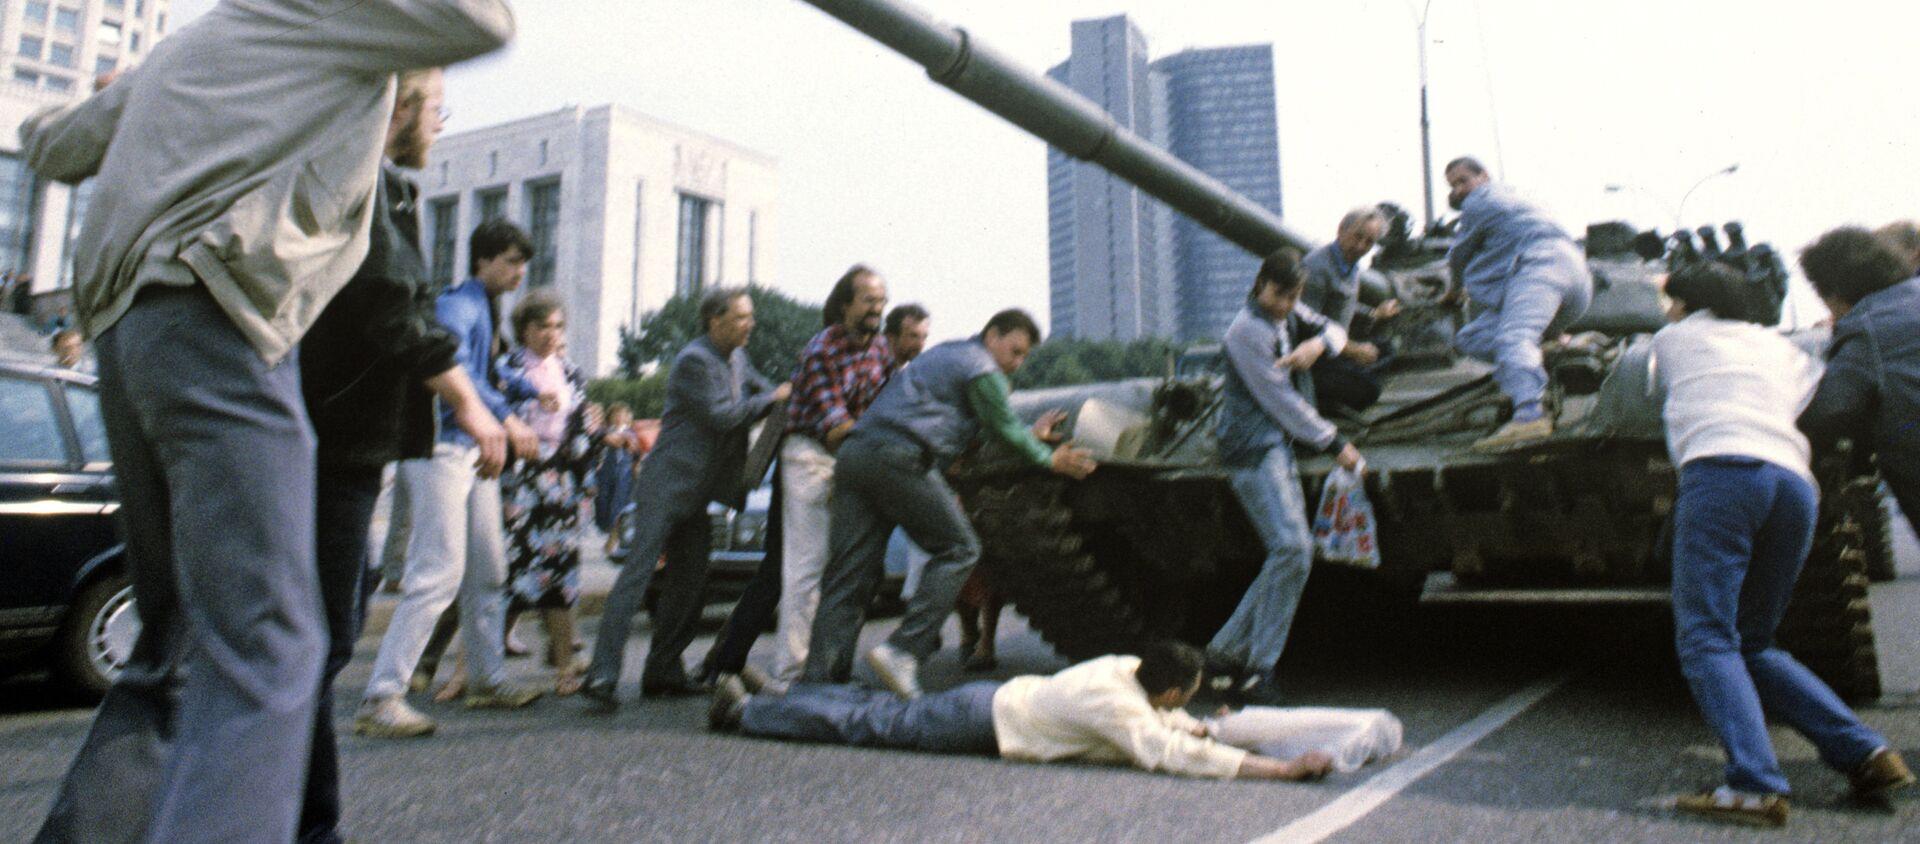 Защитники Белого дома пытаются остановить танк - Sputnik Абхазия, 1920, 19.08.2021